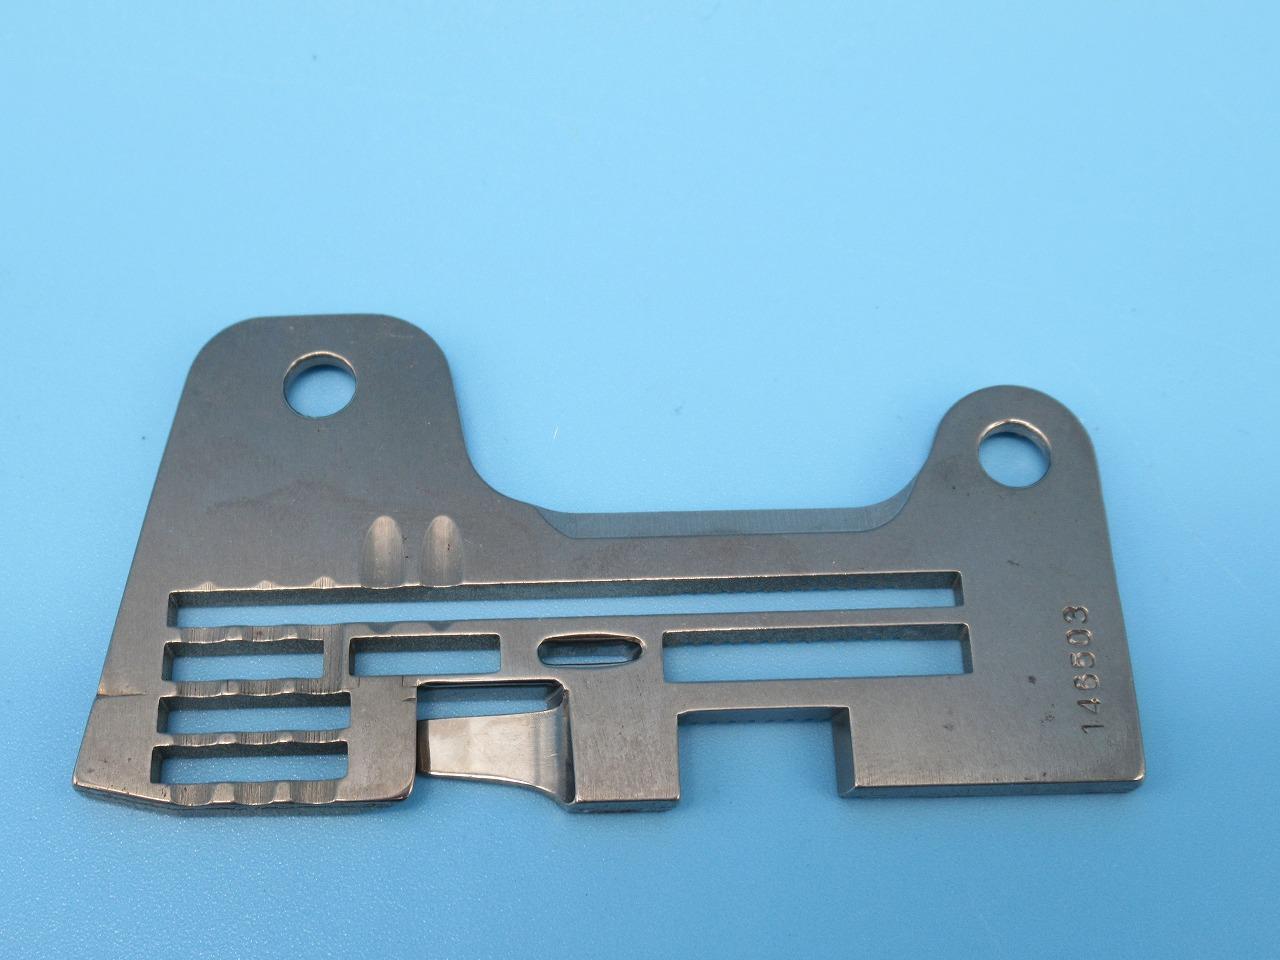 新品 日本製 ブラザーBROTHER ブラザー 販売実績No.1 ミシン針板 MA4-B551 おすすめ特集 パーツNO:146503-001です